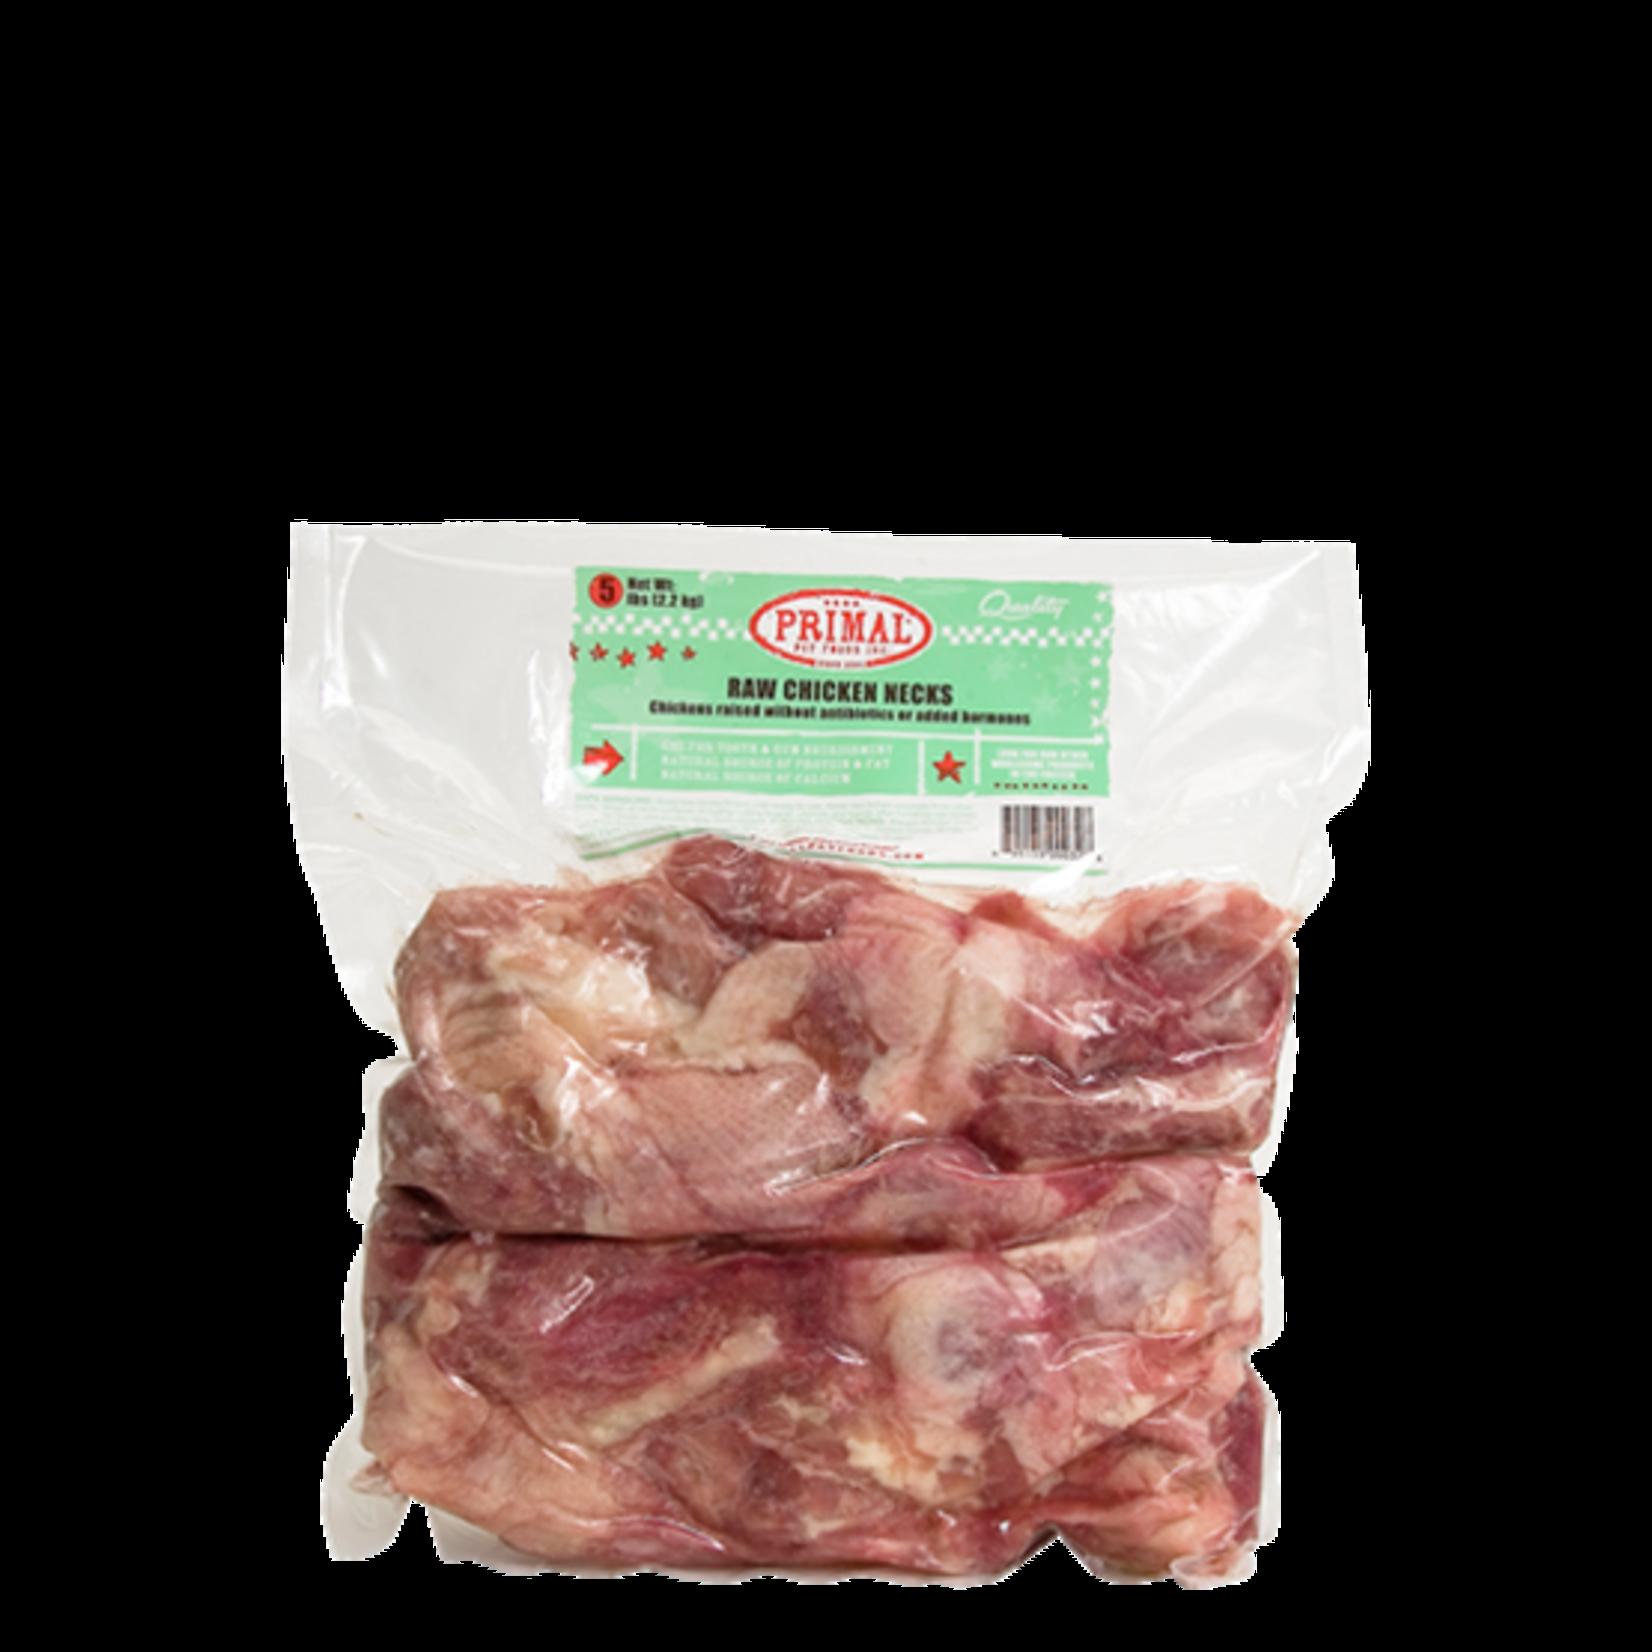 Primal Pet Foods Primal Frozen Chicken Necks 6 Pack